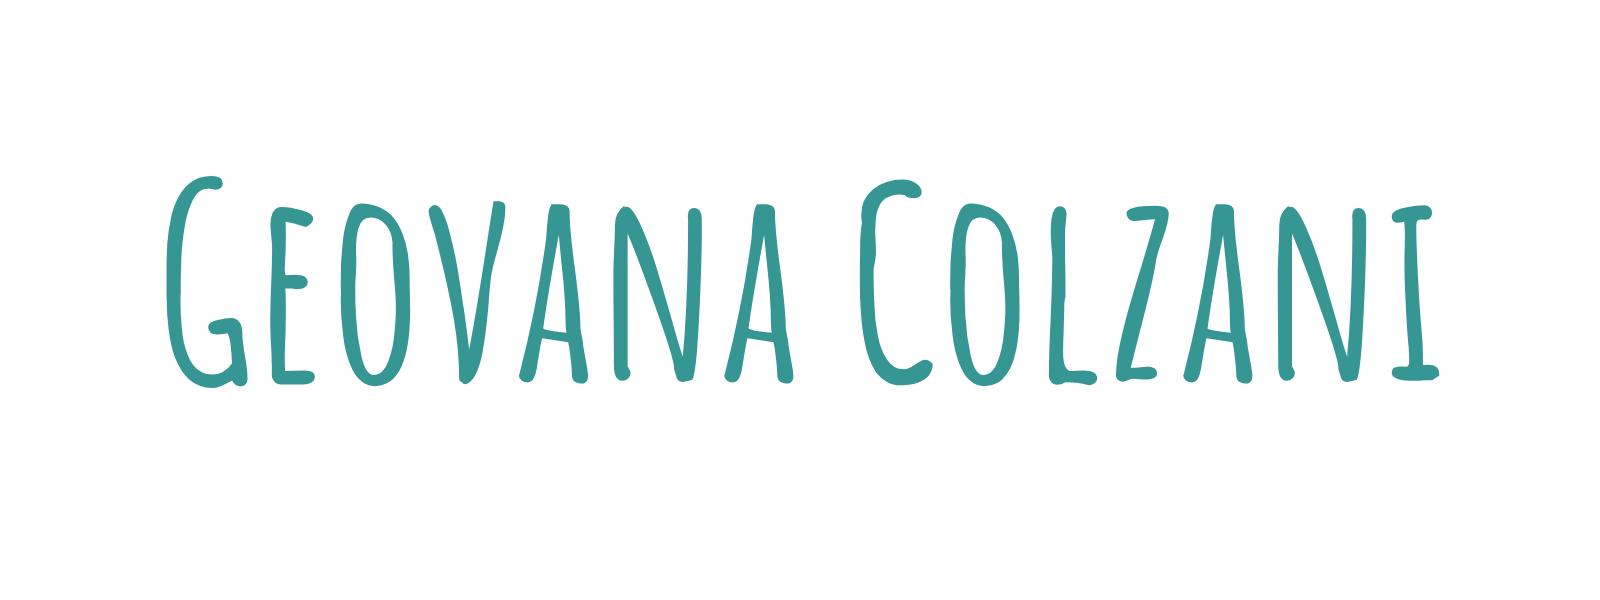 Geovana Colzani